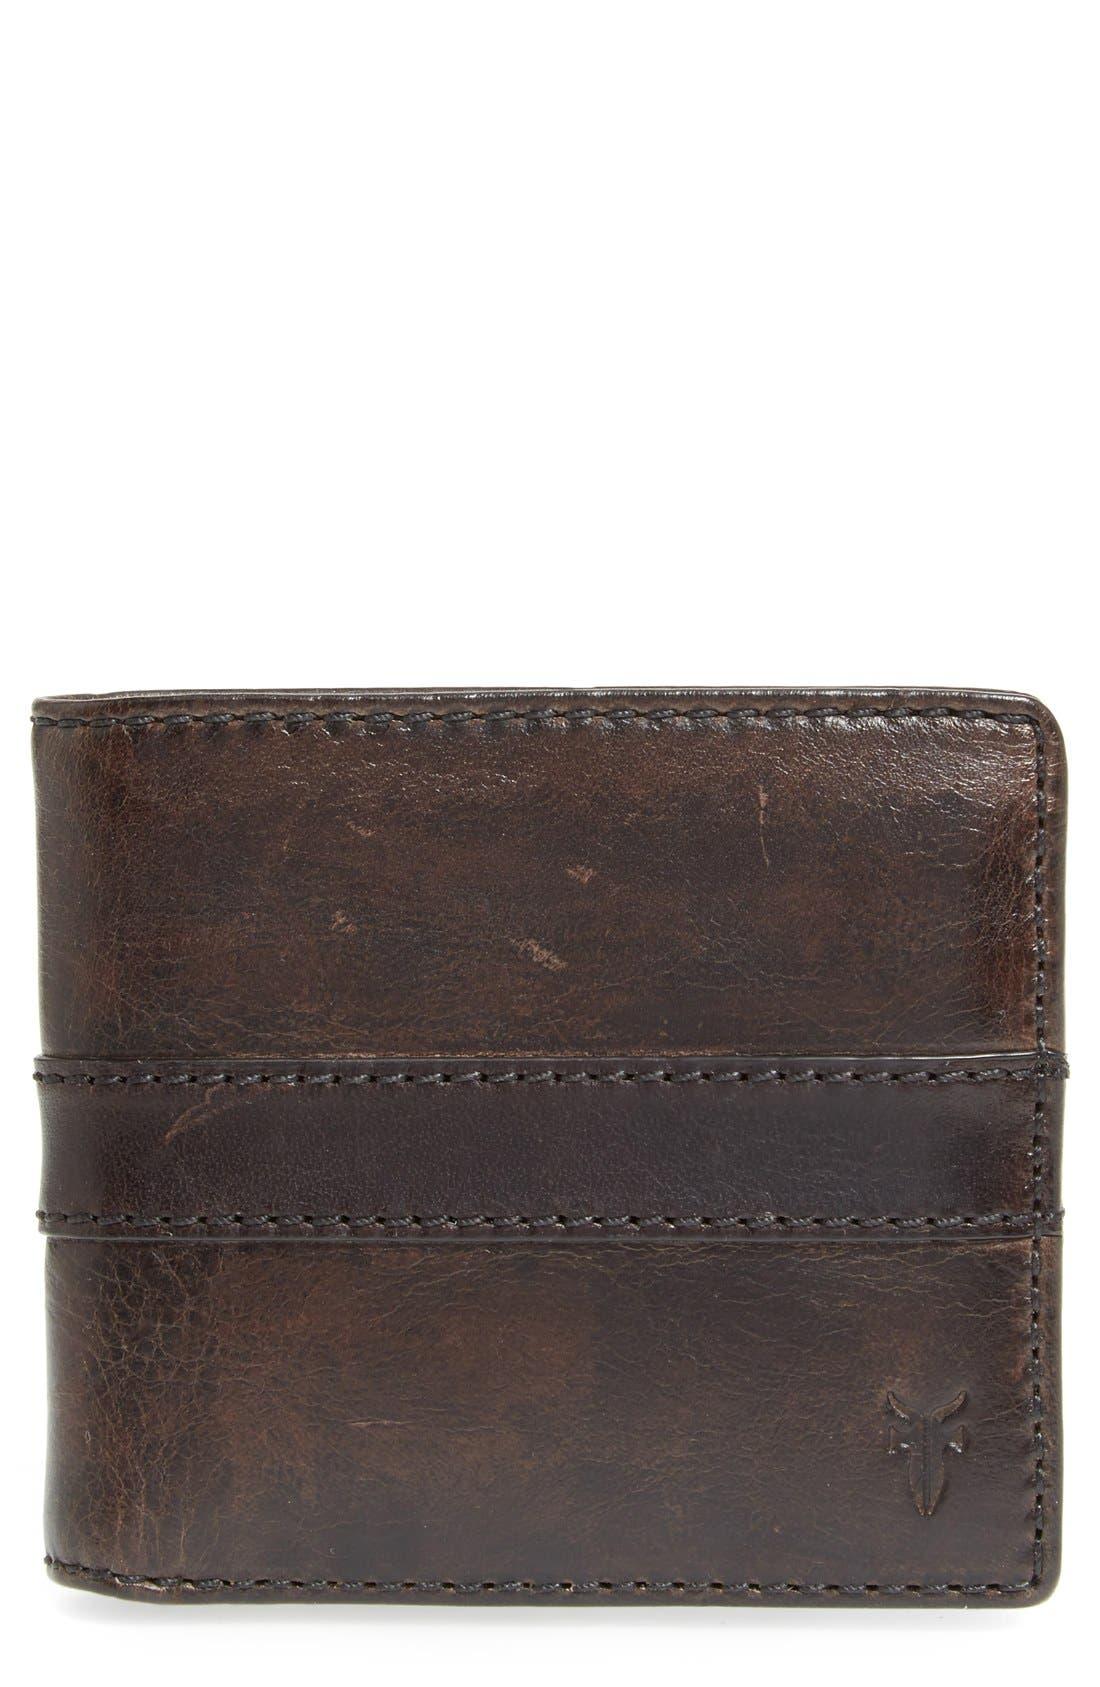 Frye 'Oliver' Leather Billfold Wallet